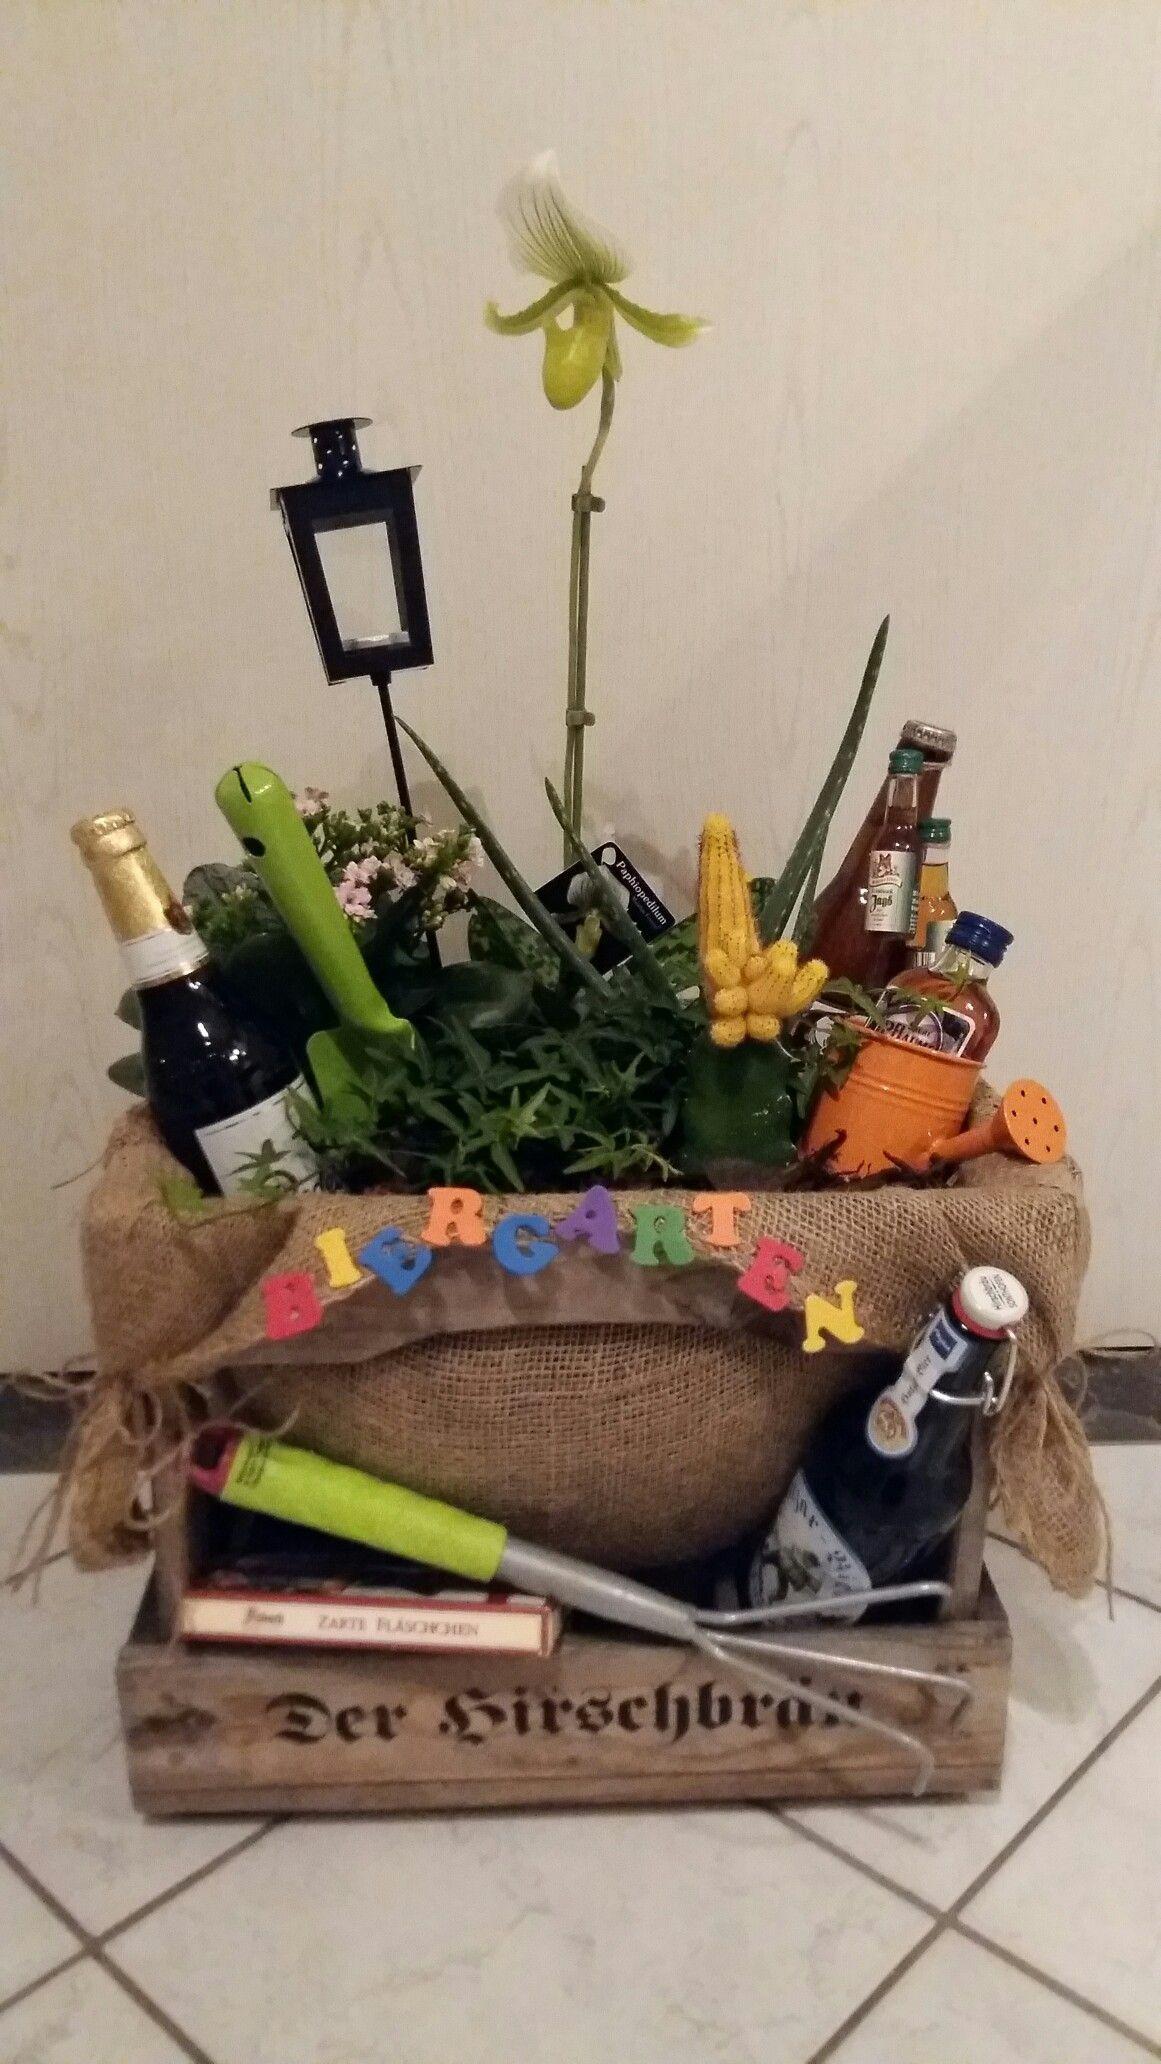 Geschenke Fuer Maenner  Biergarten für Männer zum Geburtstag